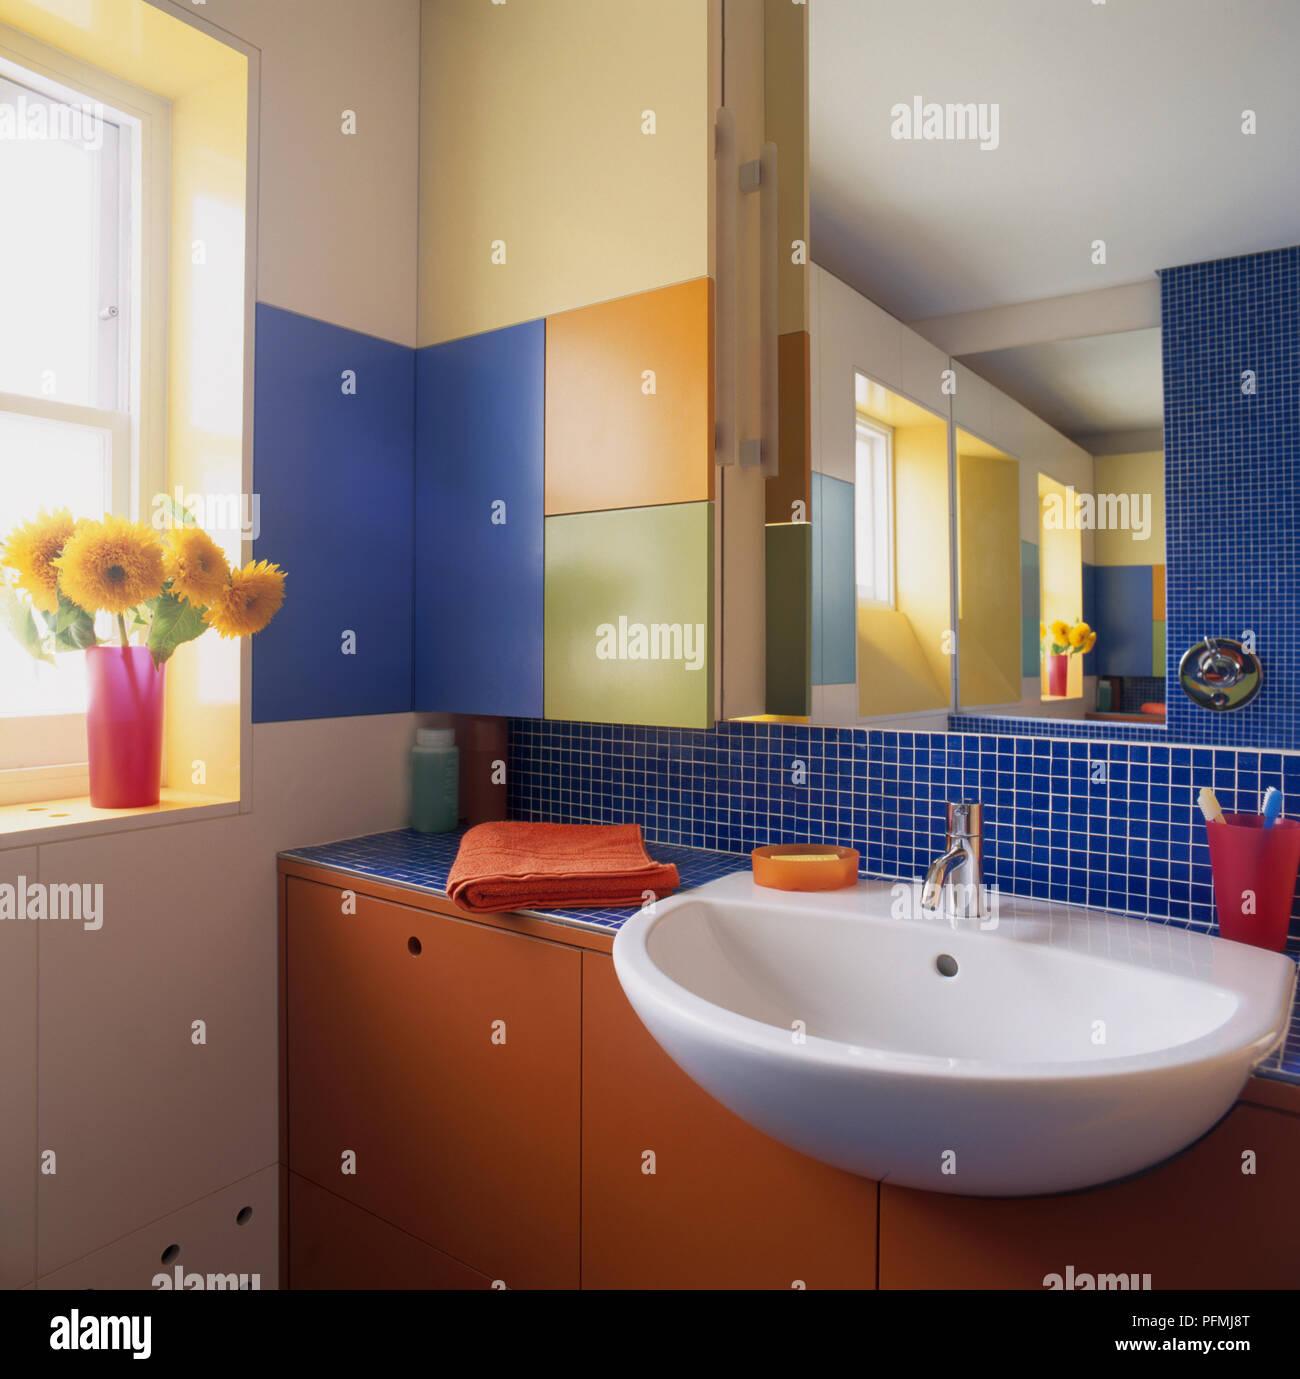 Modernes Badezimmer mit Waschbecken, Spiegel und Einbauschränke ...